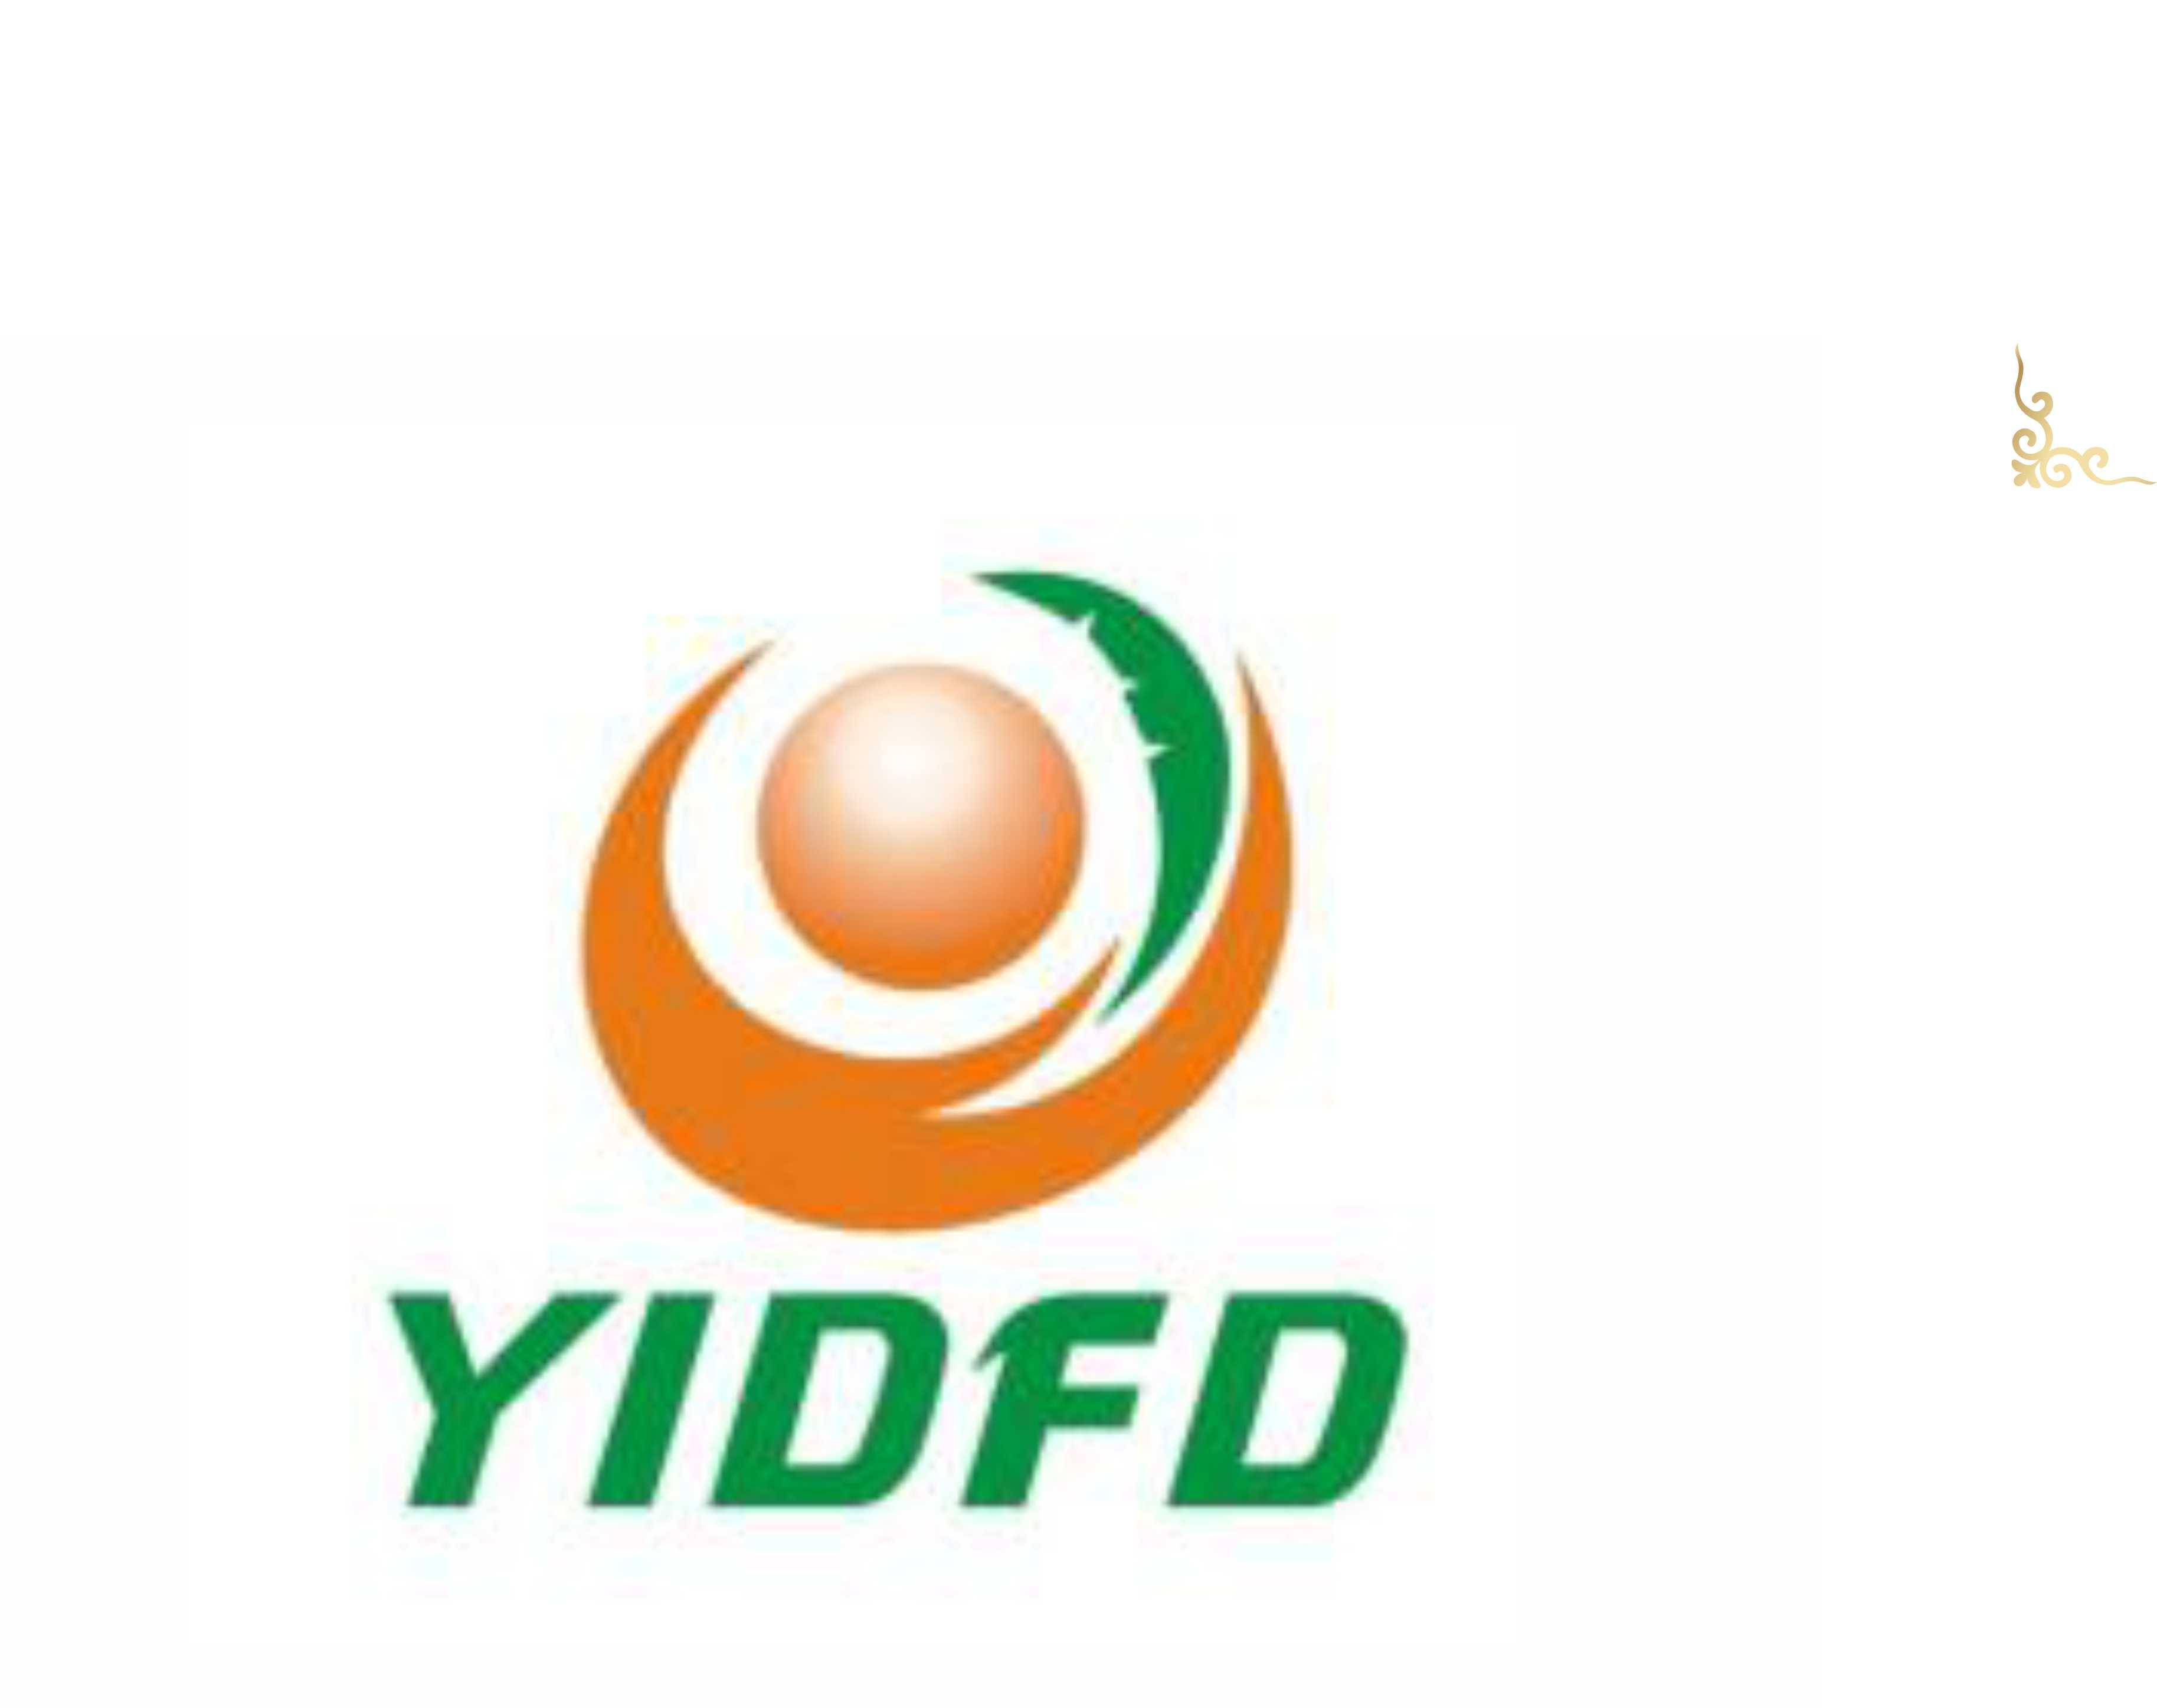 亿德食品标志设计  食品标志设计 糖果标志设计 广州食品包装设计公司